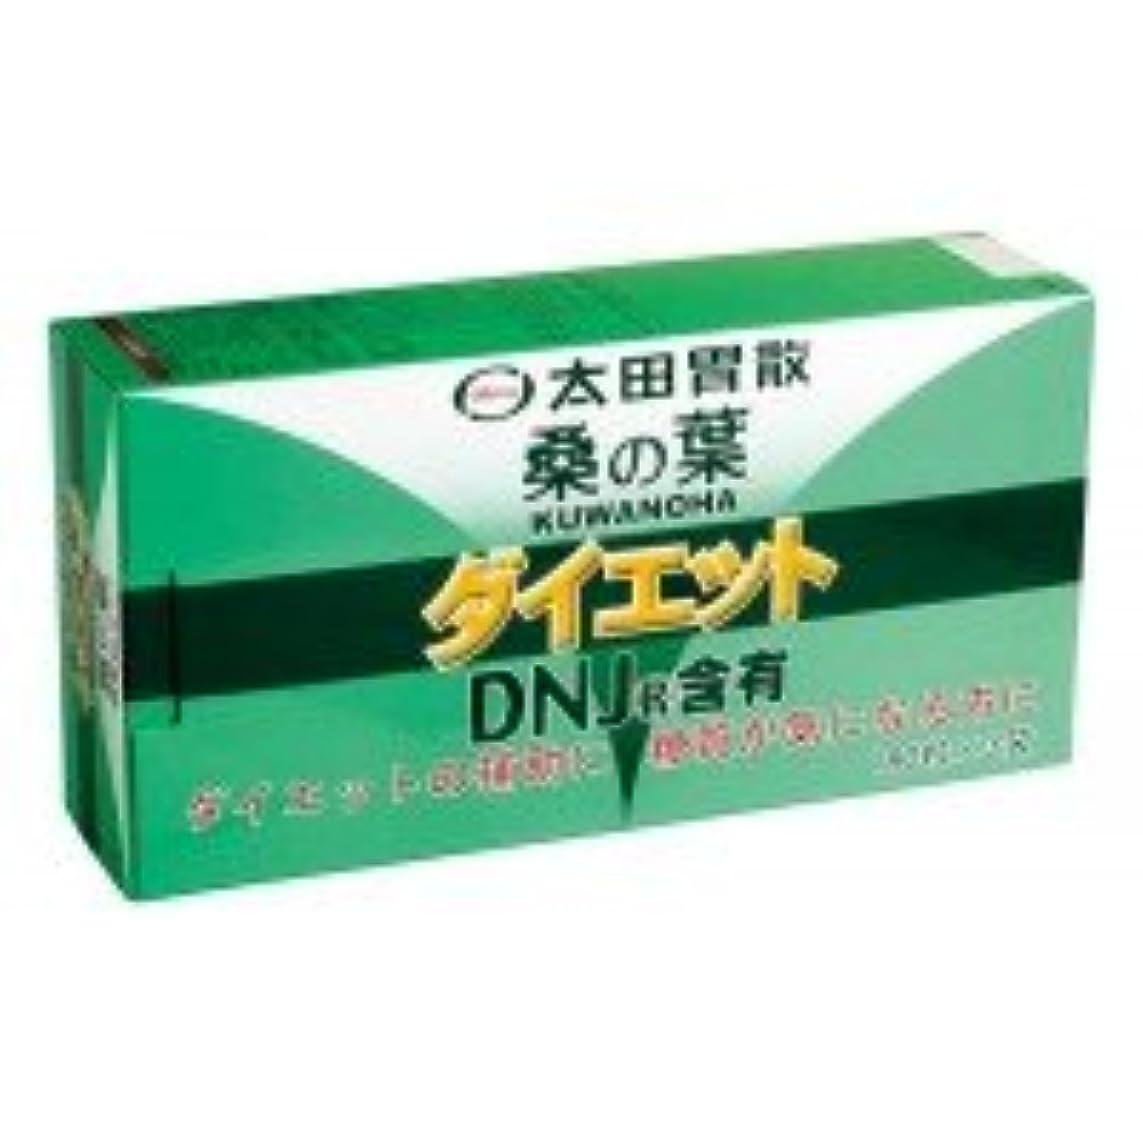 ハンカチサドル巻き戻す太田胃散 桑の葉ダイエット 540粒